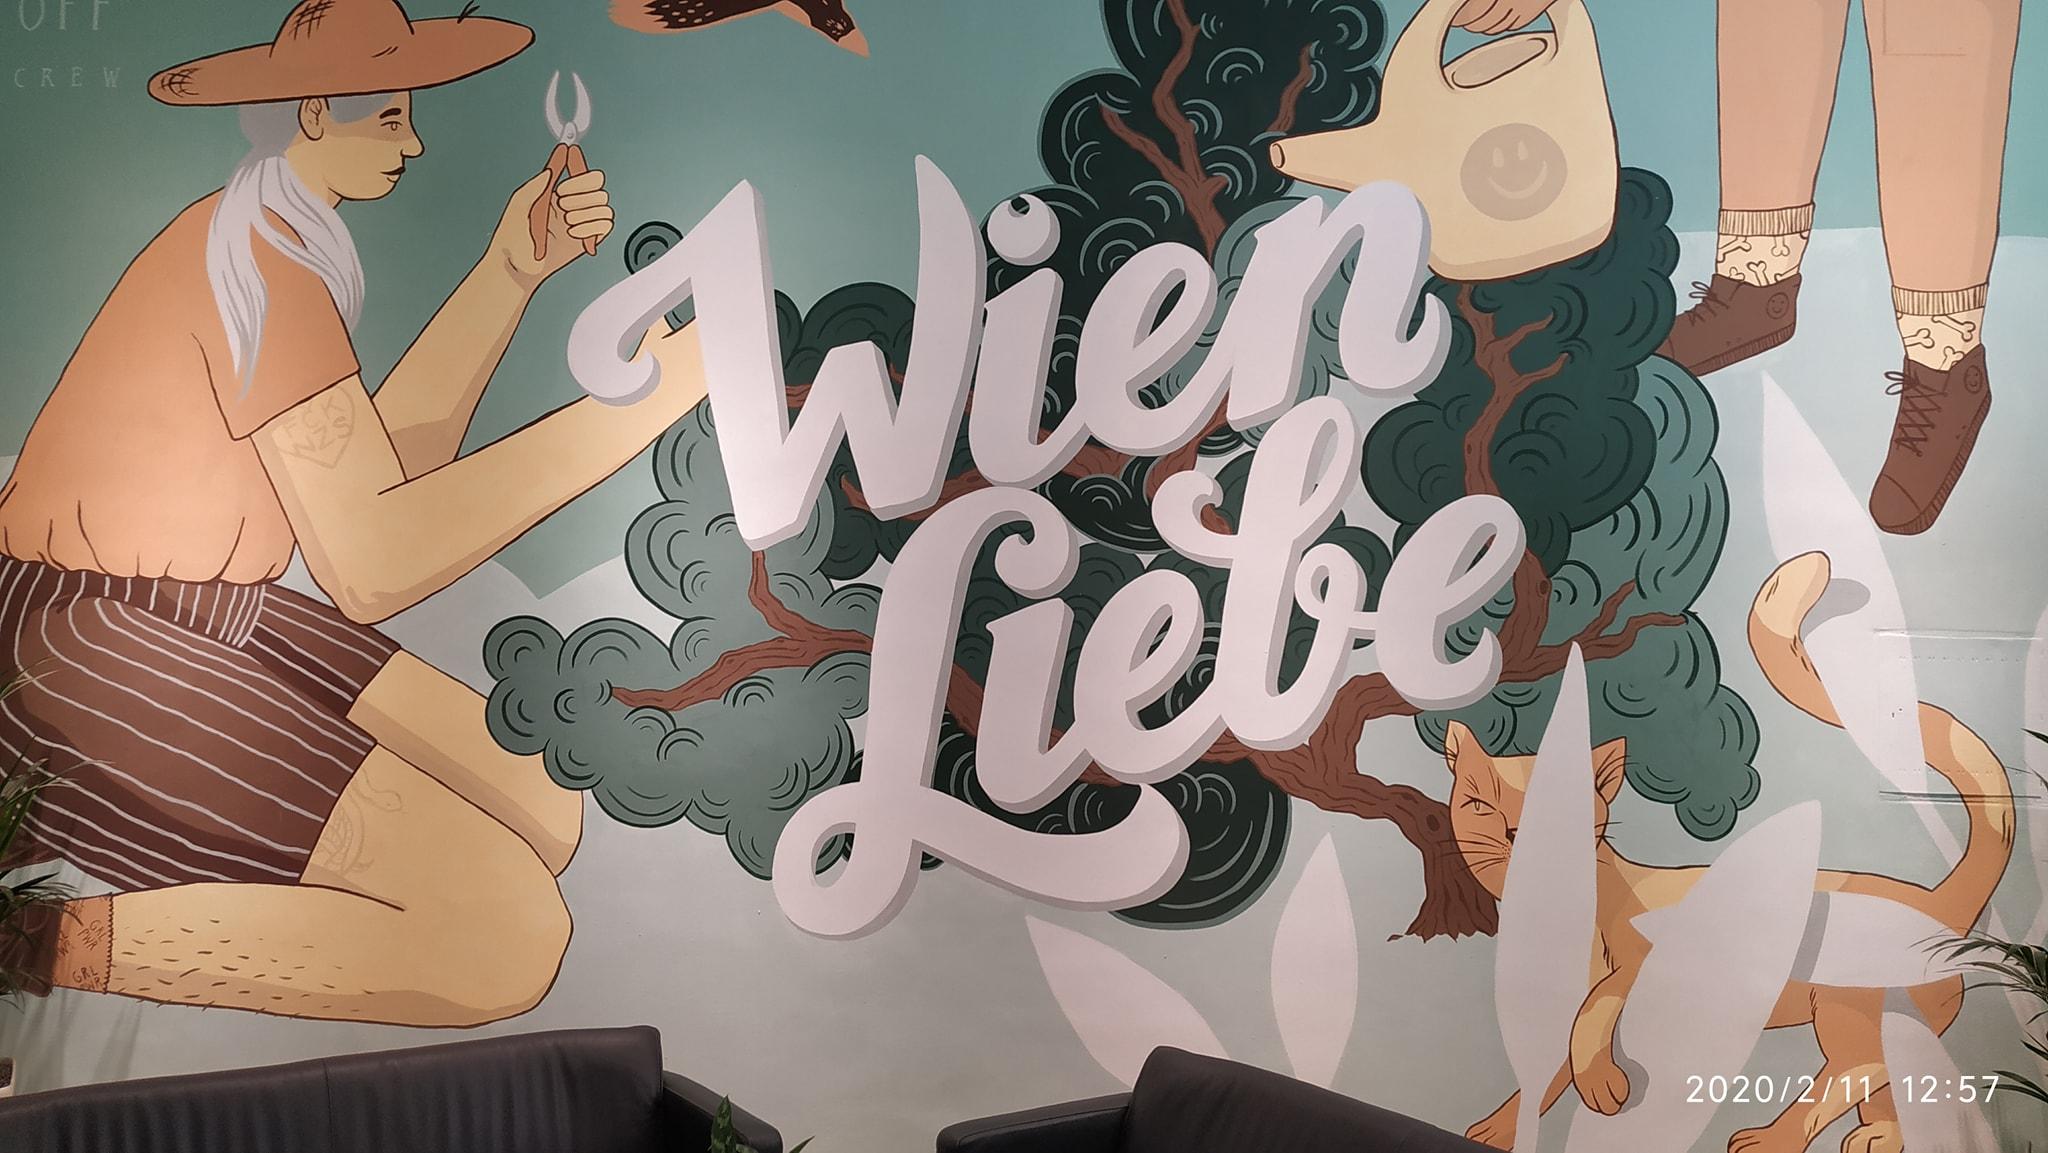 Bécs zöld alpolgármesterének irodája előtt egy 'FCK NZS' tetoválású lányt ábrázoló graffiti fogadja a látogatókat